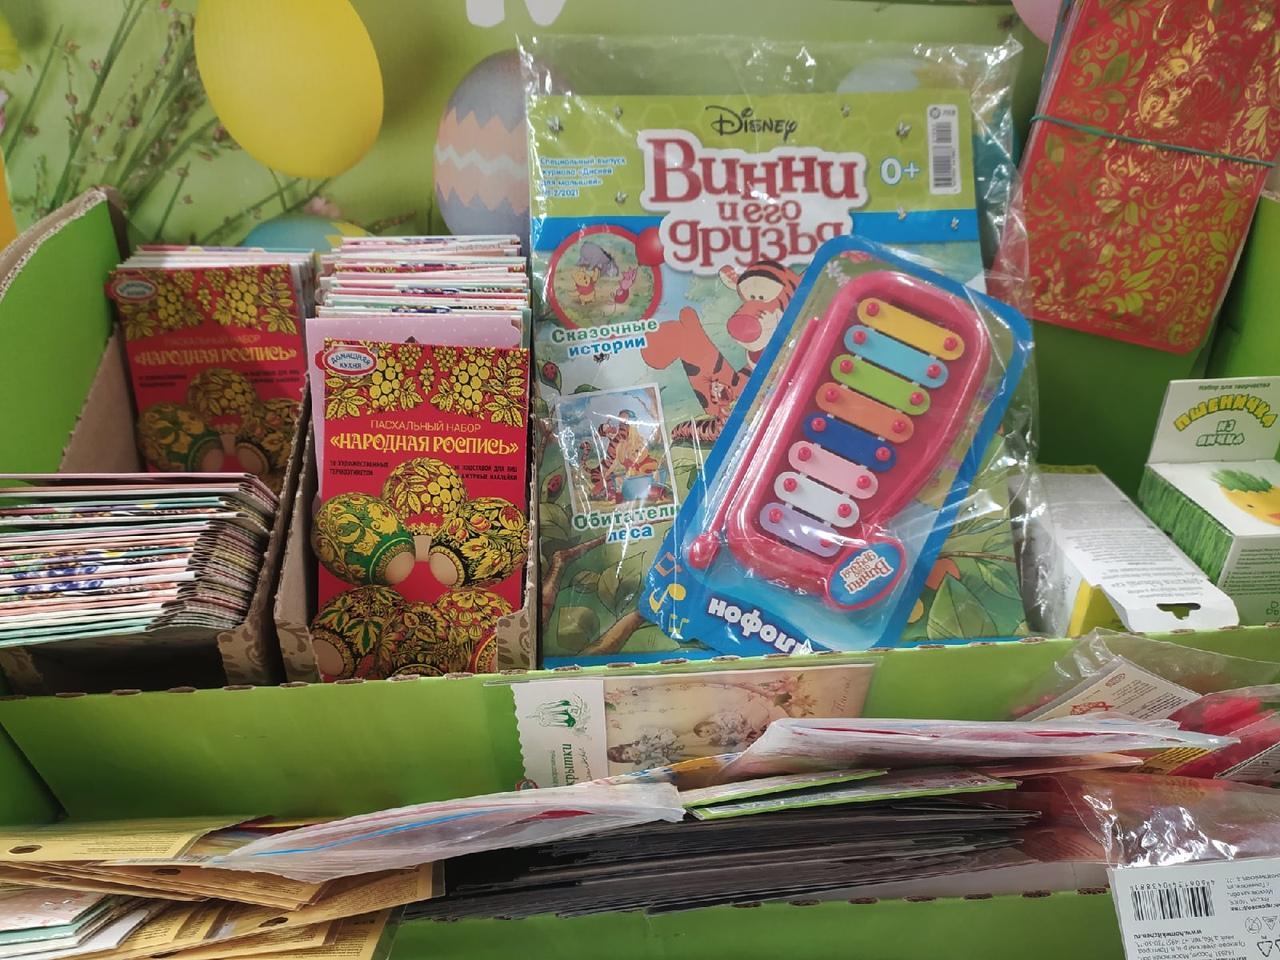 фото Куличи и красители для яиц к Пасхе: обзор цен на праздничные товары в Новосибирске 18